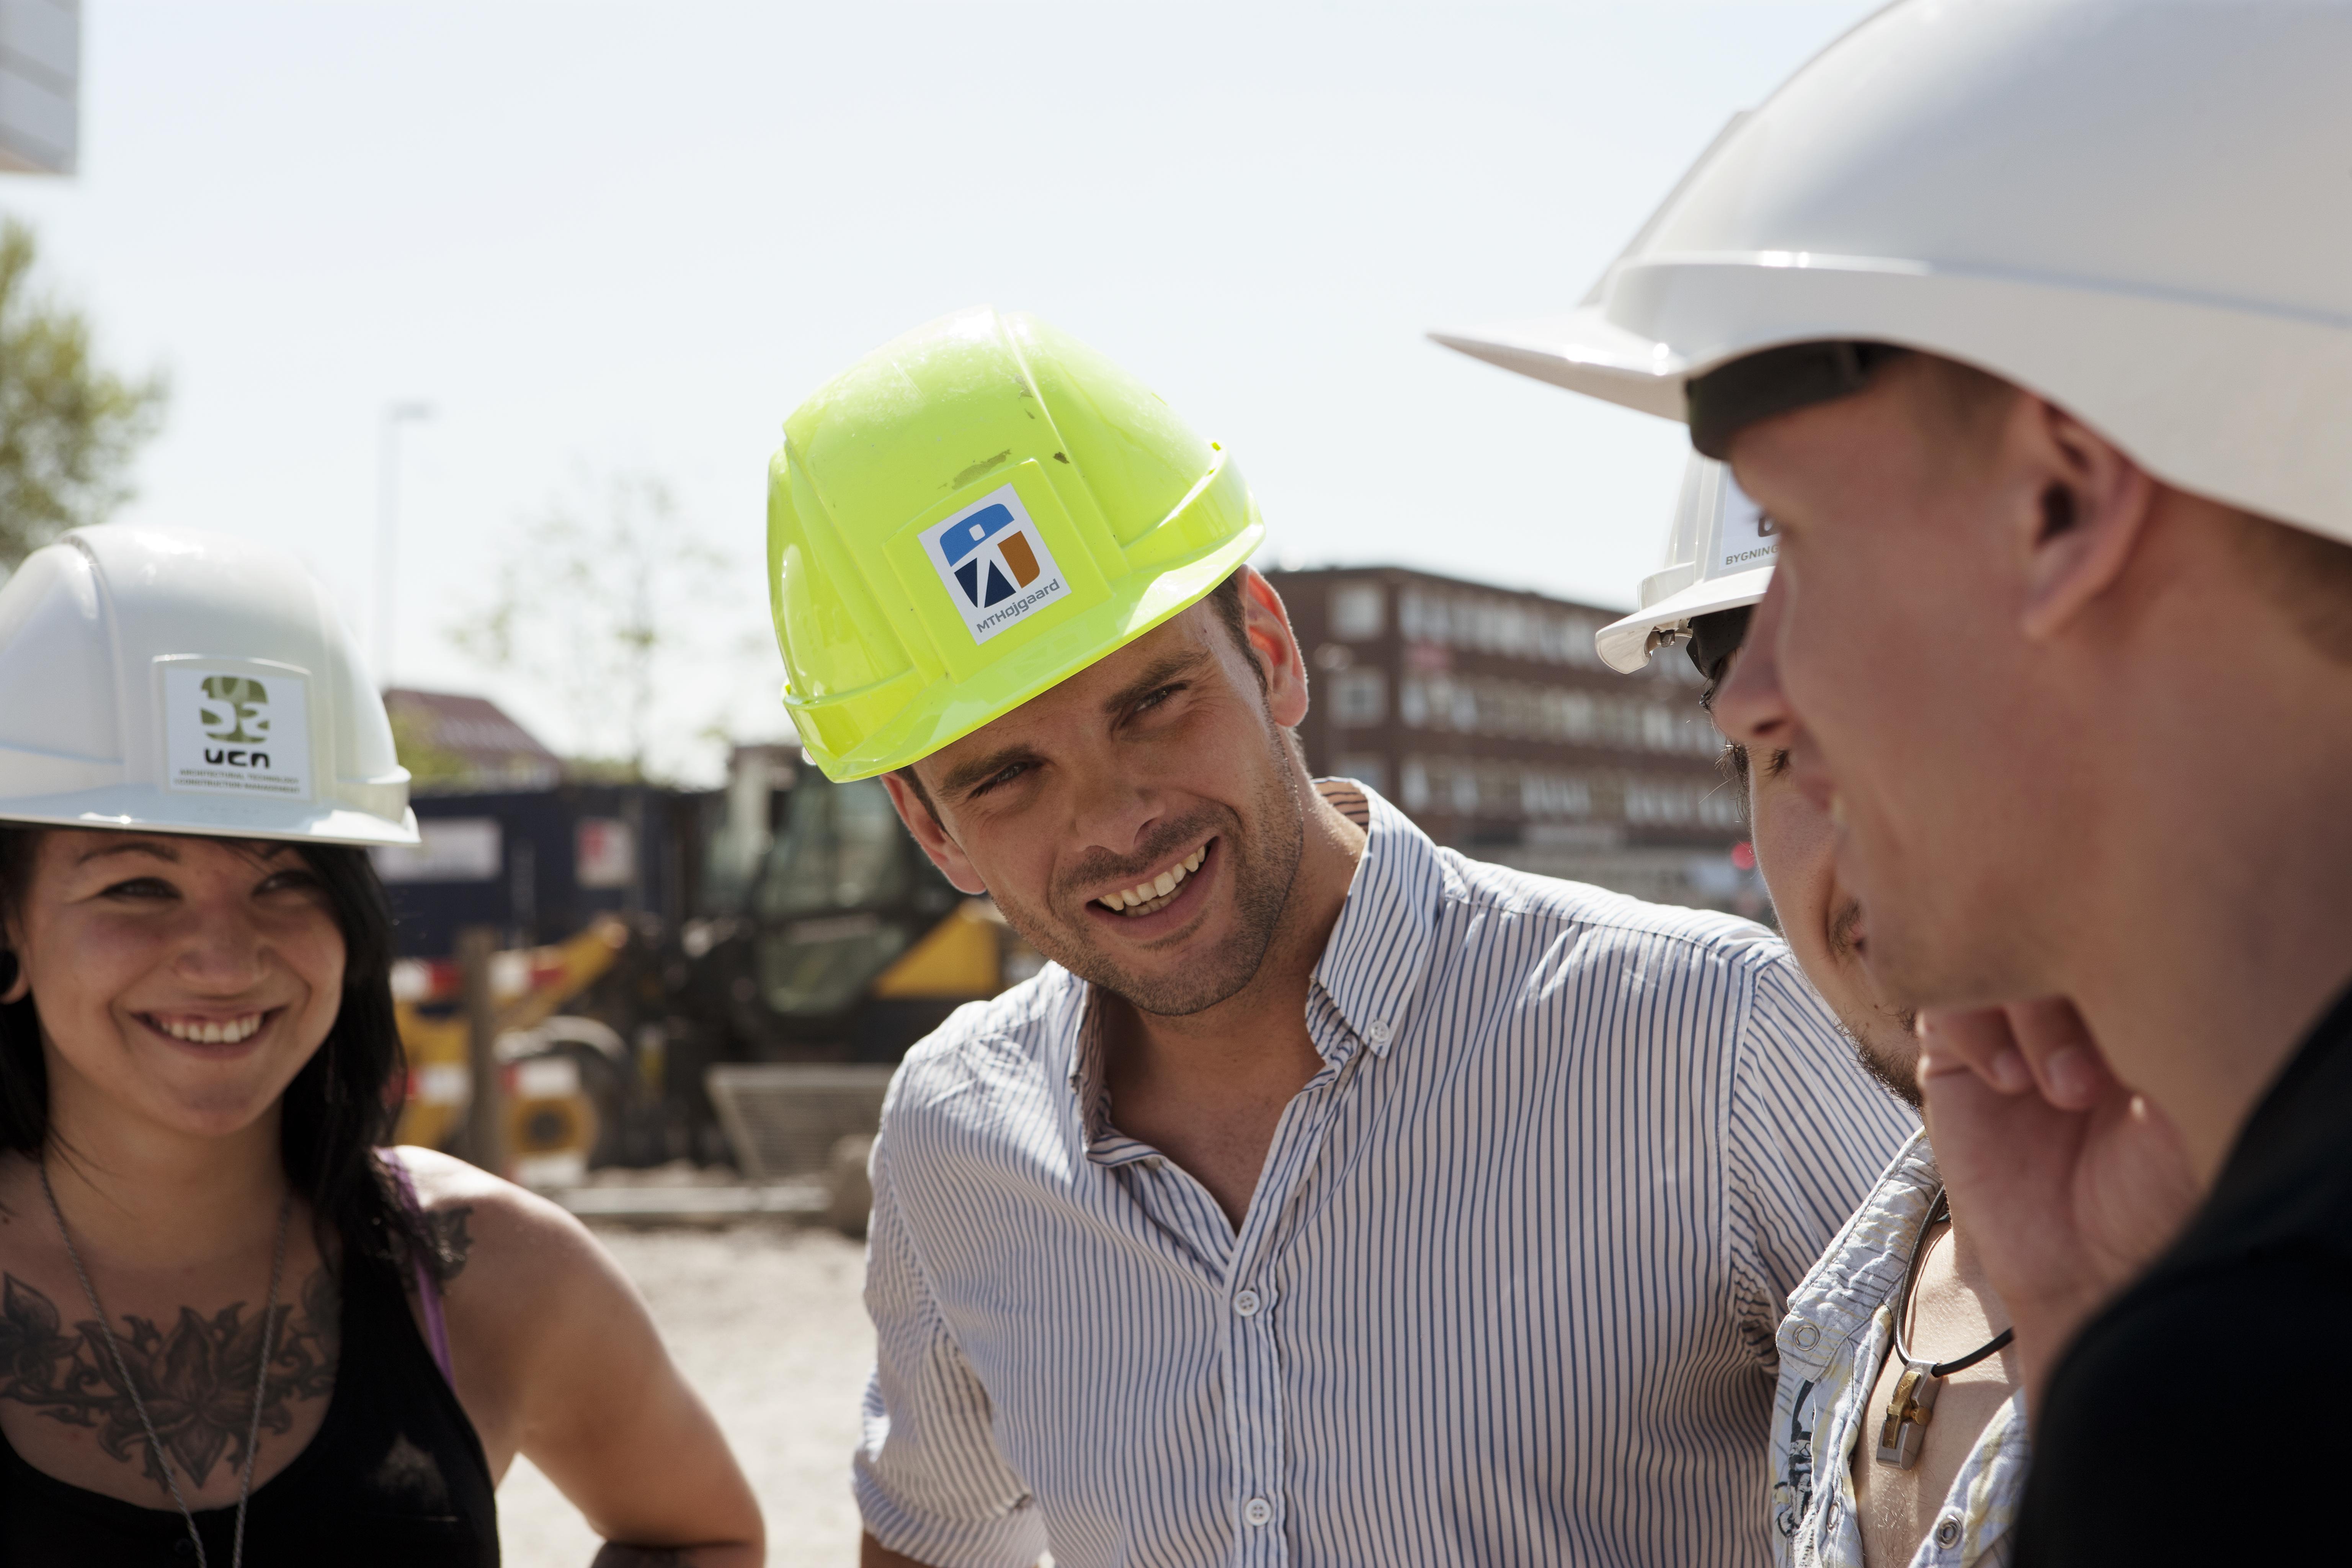 59,000 green Danish jobs in 2014